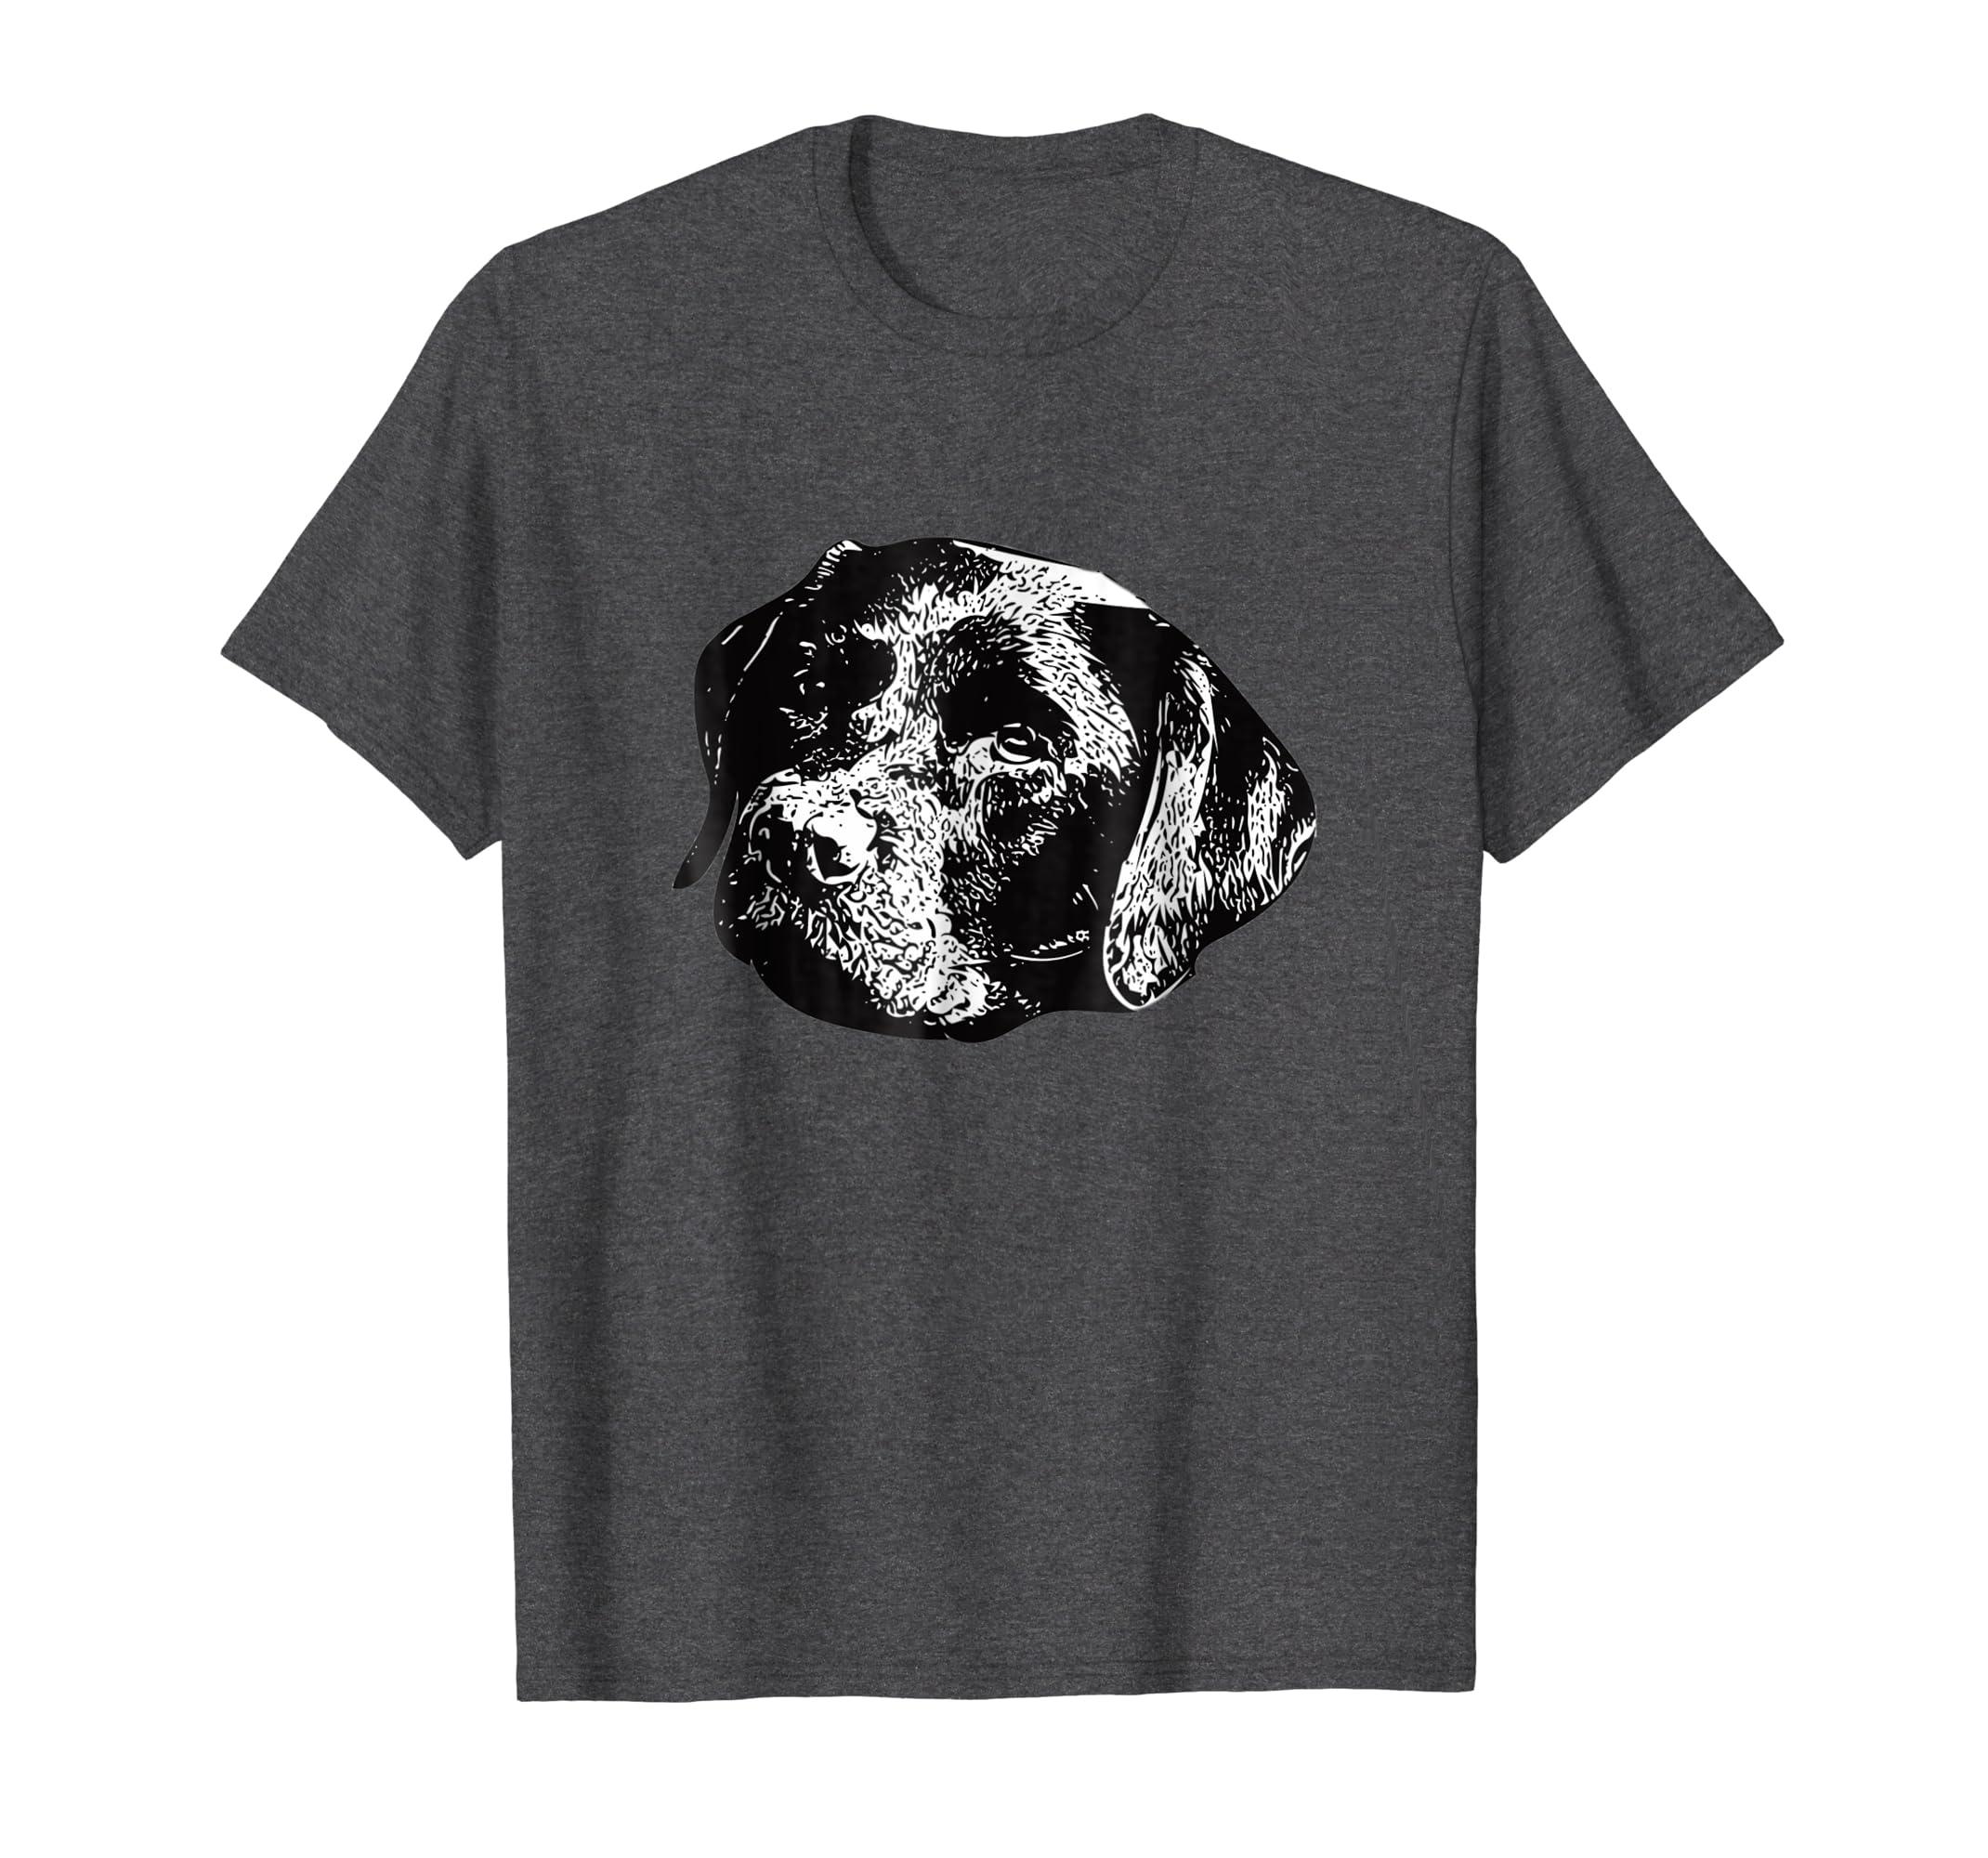 Chocolate Labrador Retriever Shirt-ln